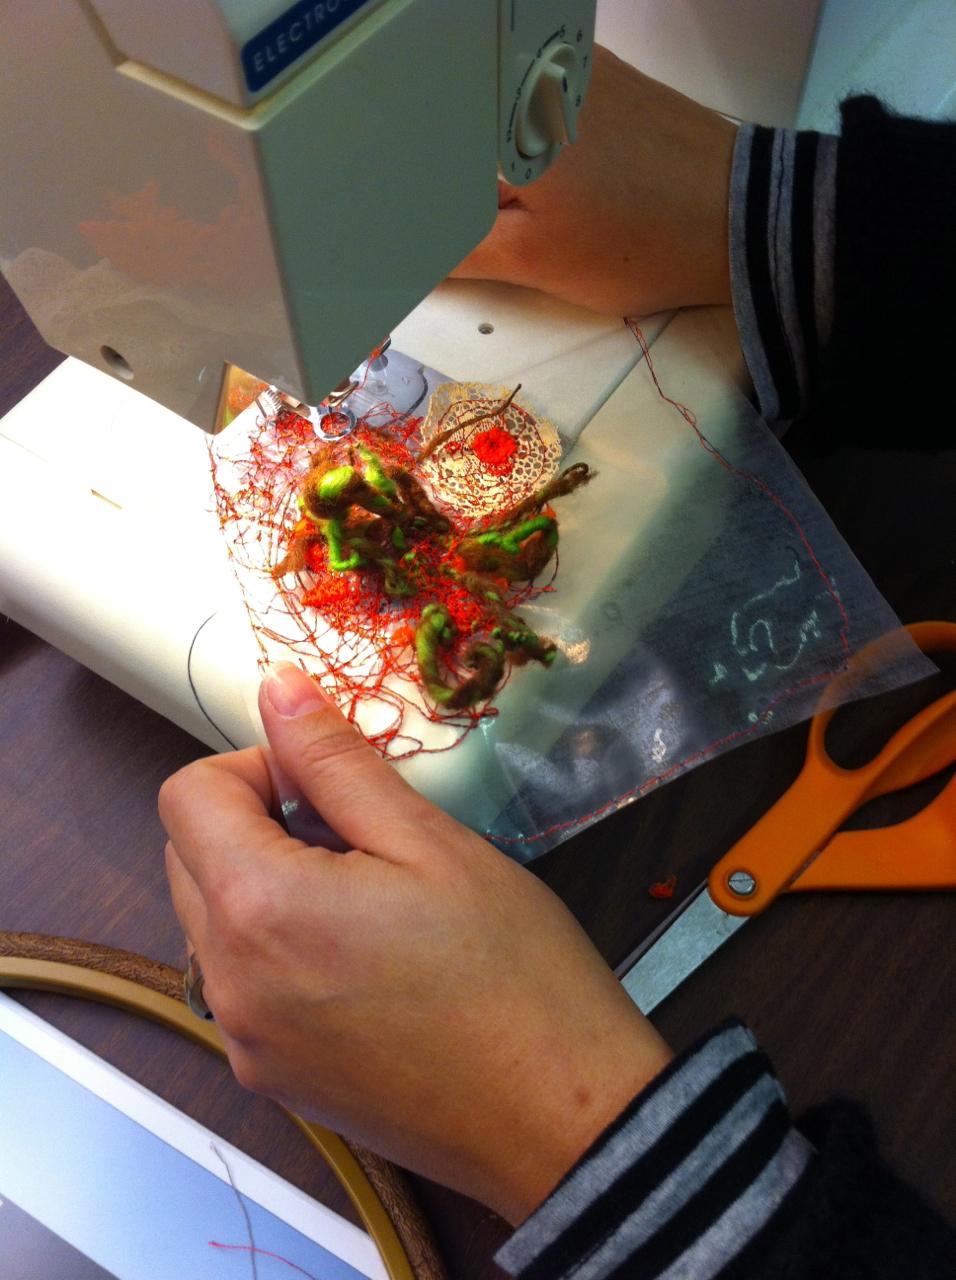 Workshop student experimentation